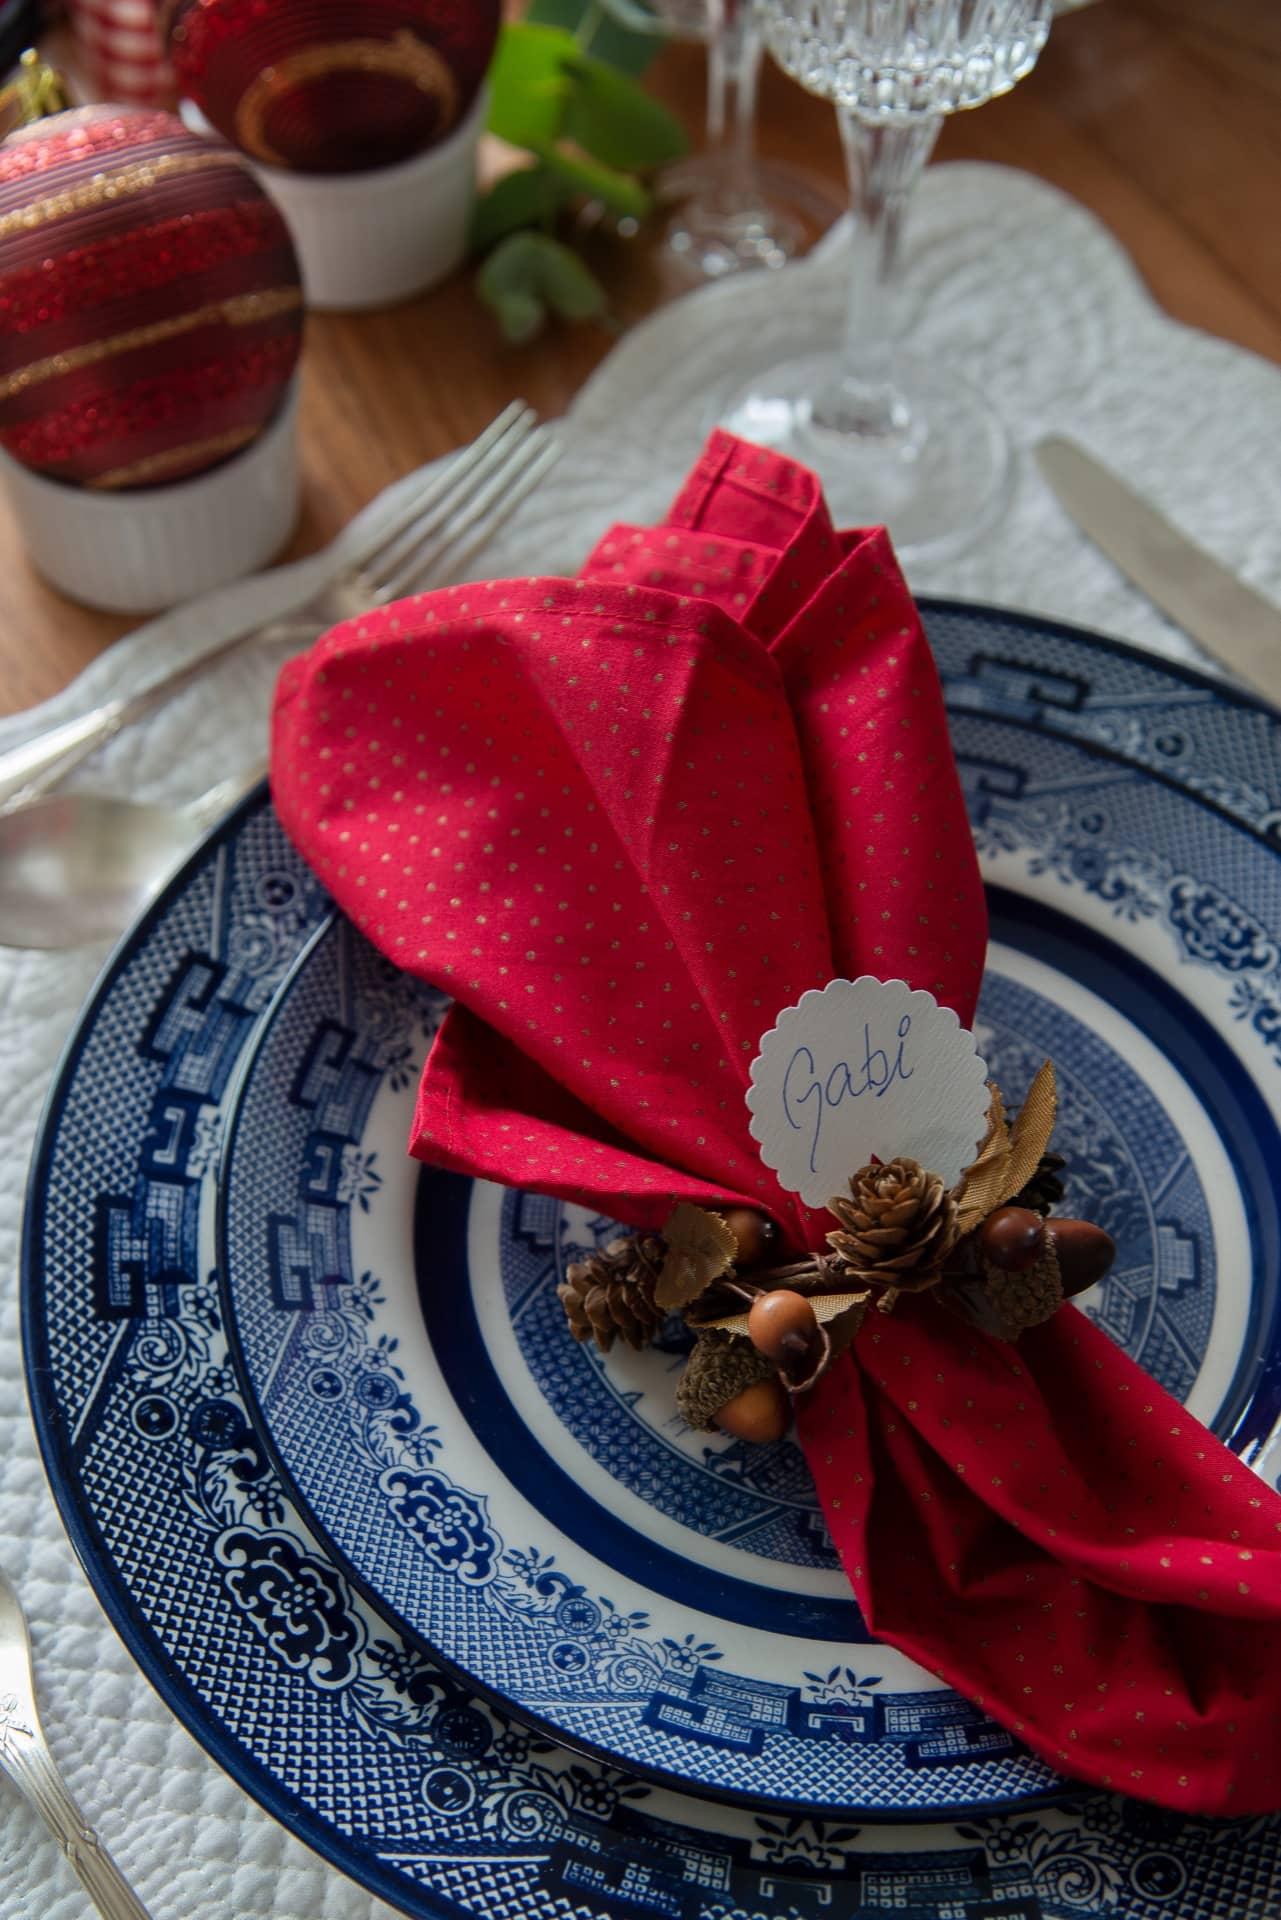 Imagem: Use mini guirlandas como anel para os guardanapos de tecido. Para dar um toque especial, adicione uma etiqueta com o nome de cada convidado. Foto: Cacá Bratke